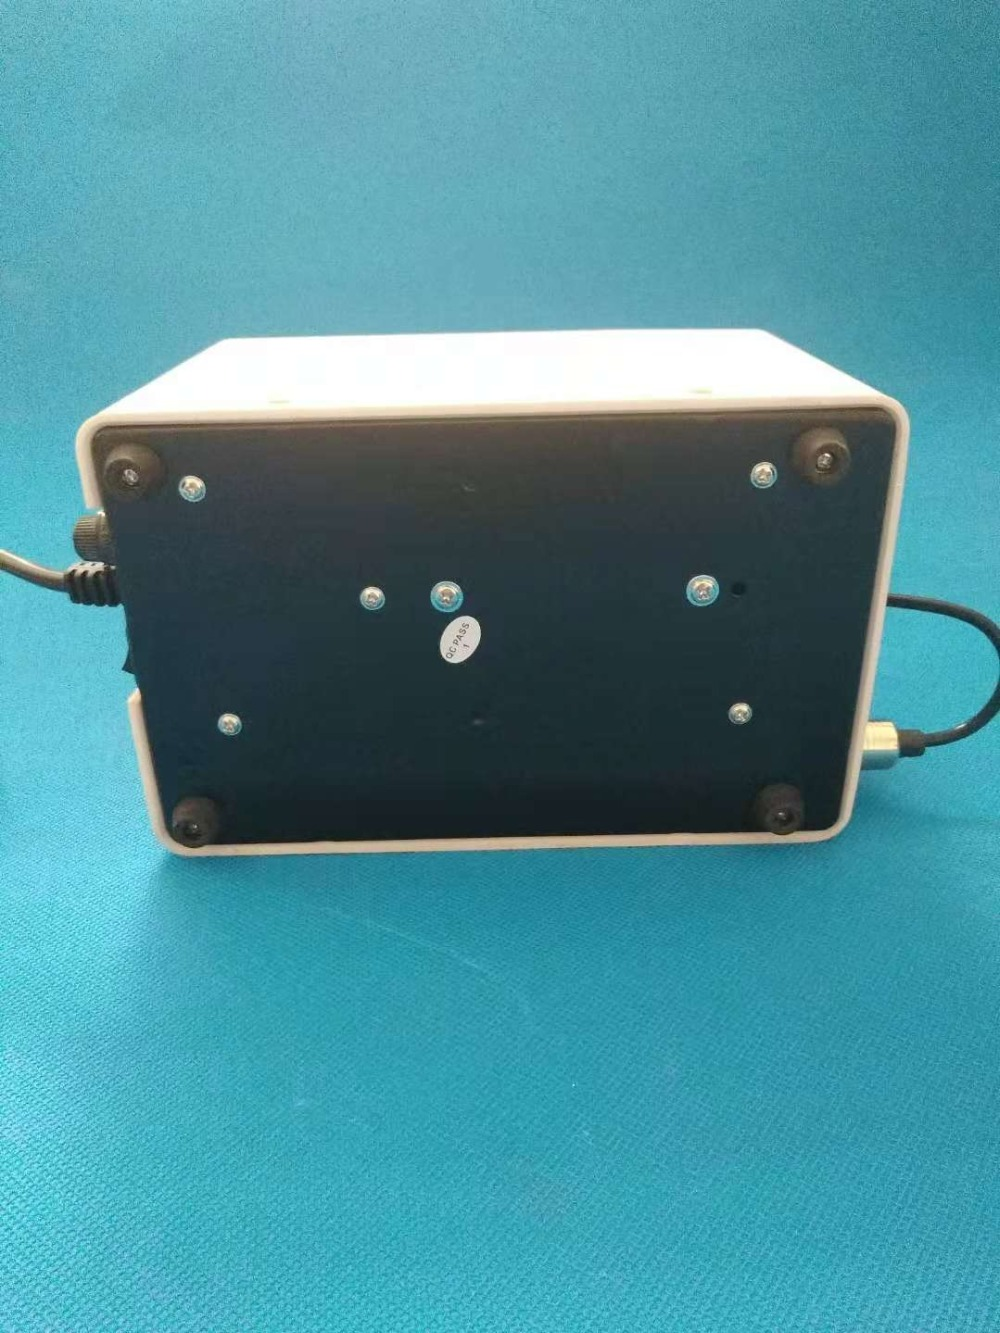 M-1000S automatikus szalag adagoló / automatikus szalagvágó, 220 V - Elektromos szerszám kiegészítők - Fénykép 6